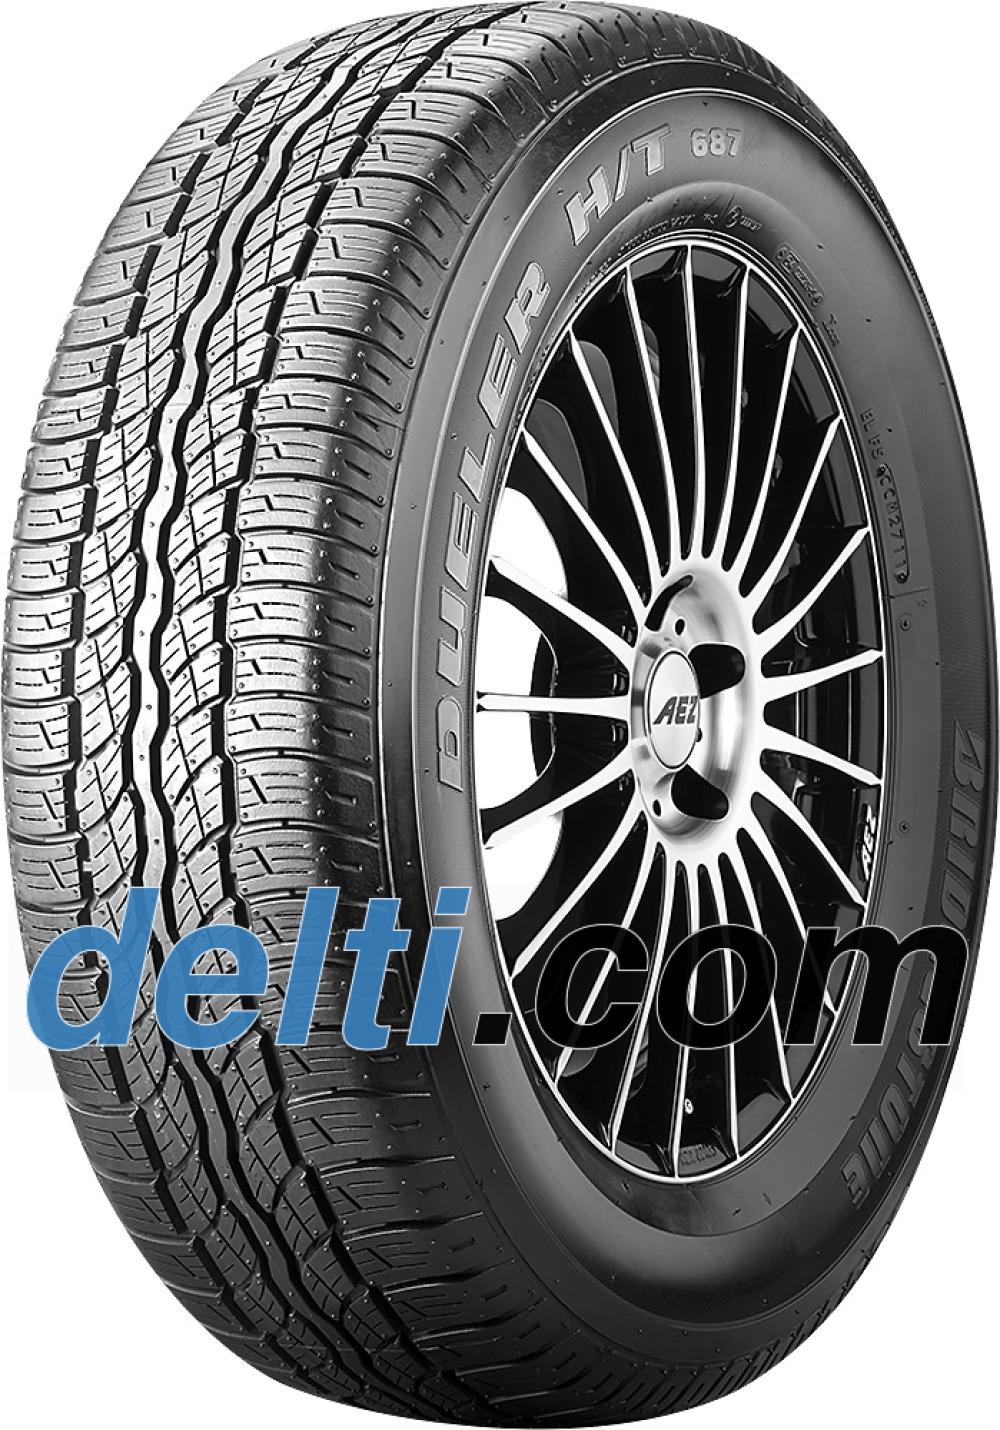 Bridgestone Dueler 687 H/T ( 235/60 R16 100H )